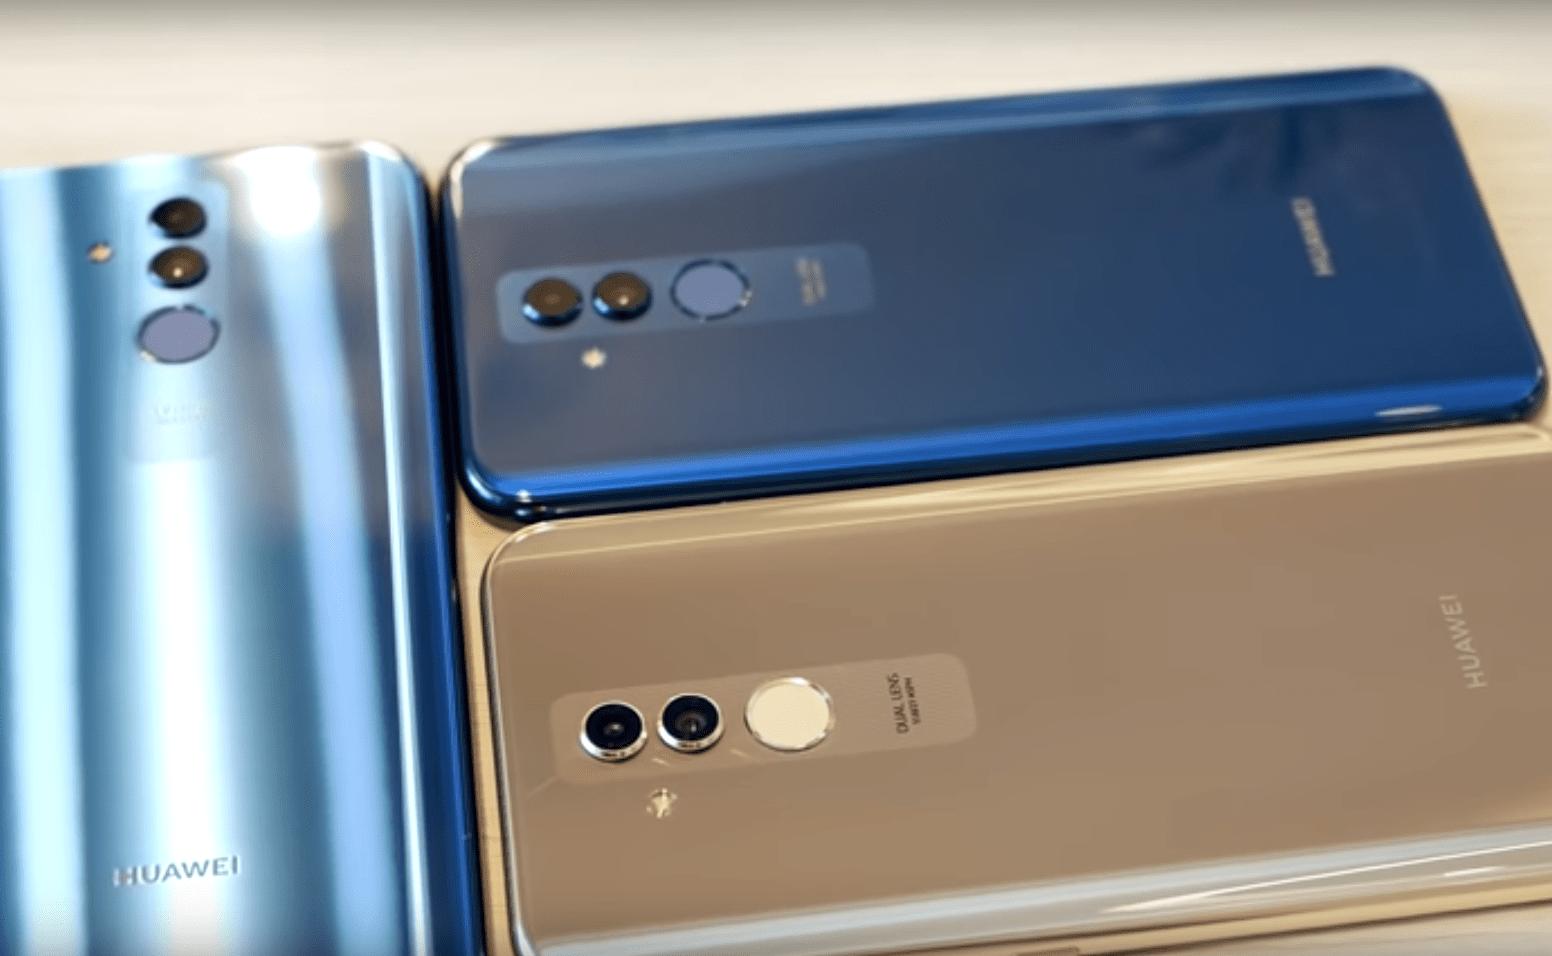 Le Huawei Mate 20 Lite se dévoile dans une vidéo de prise en main